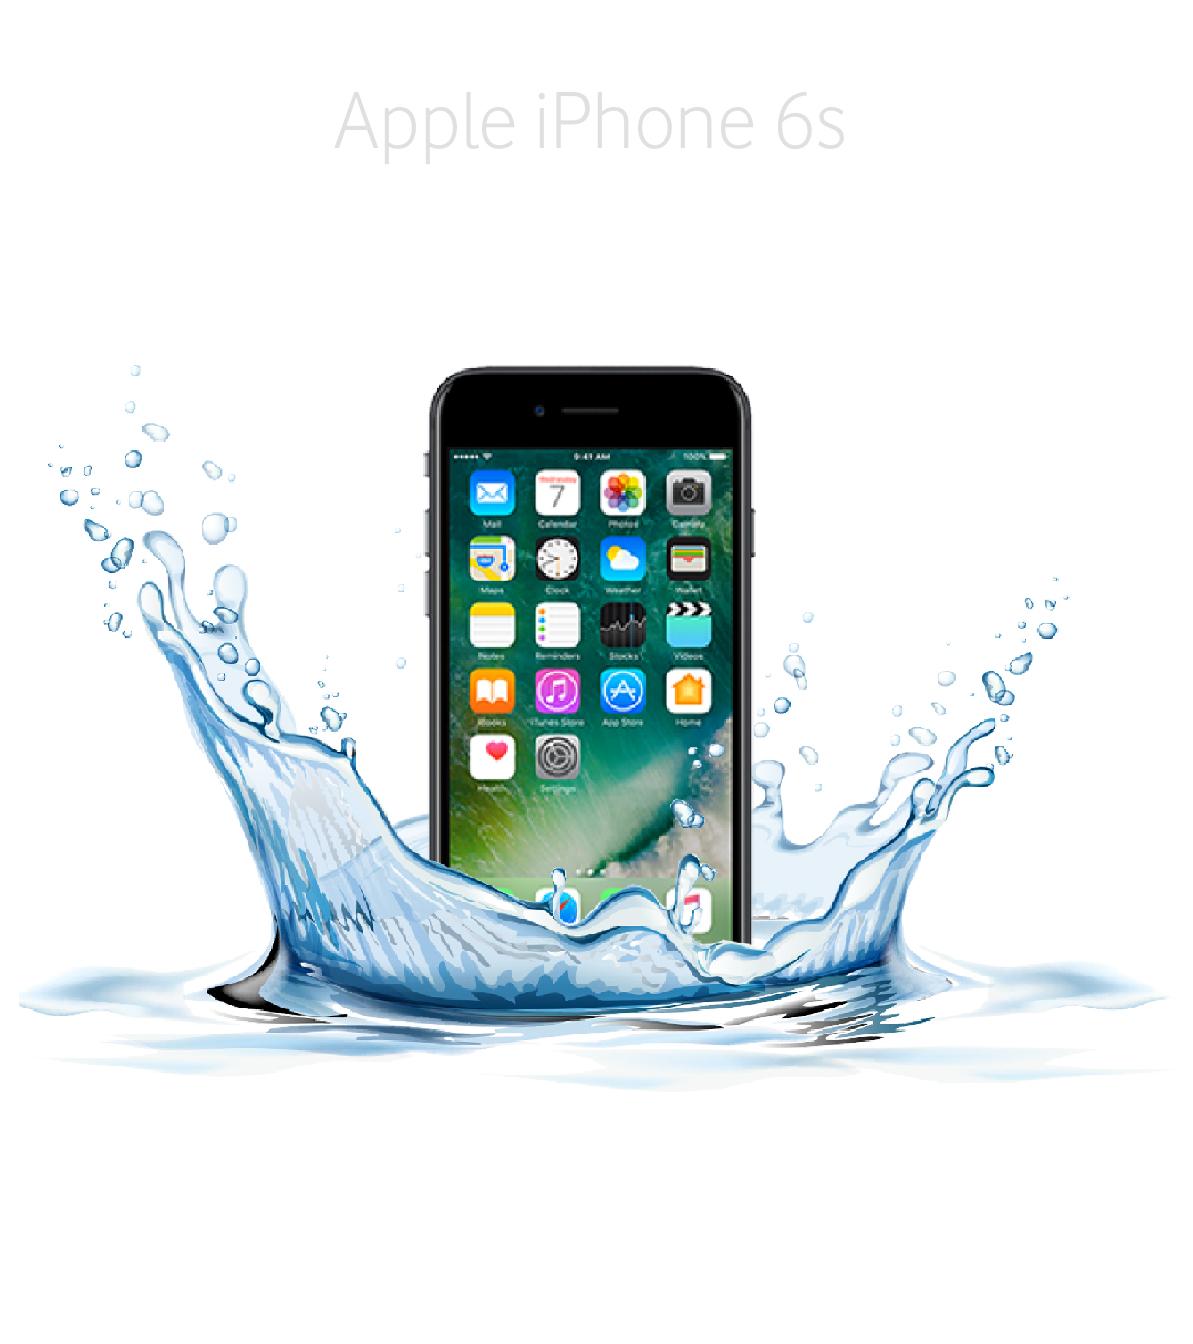 Laga fukt/vattenskadad iPhone 6s